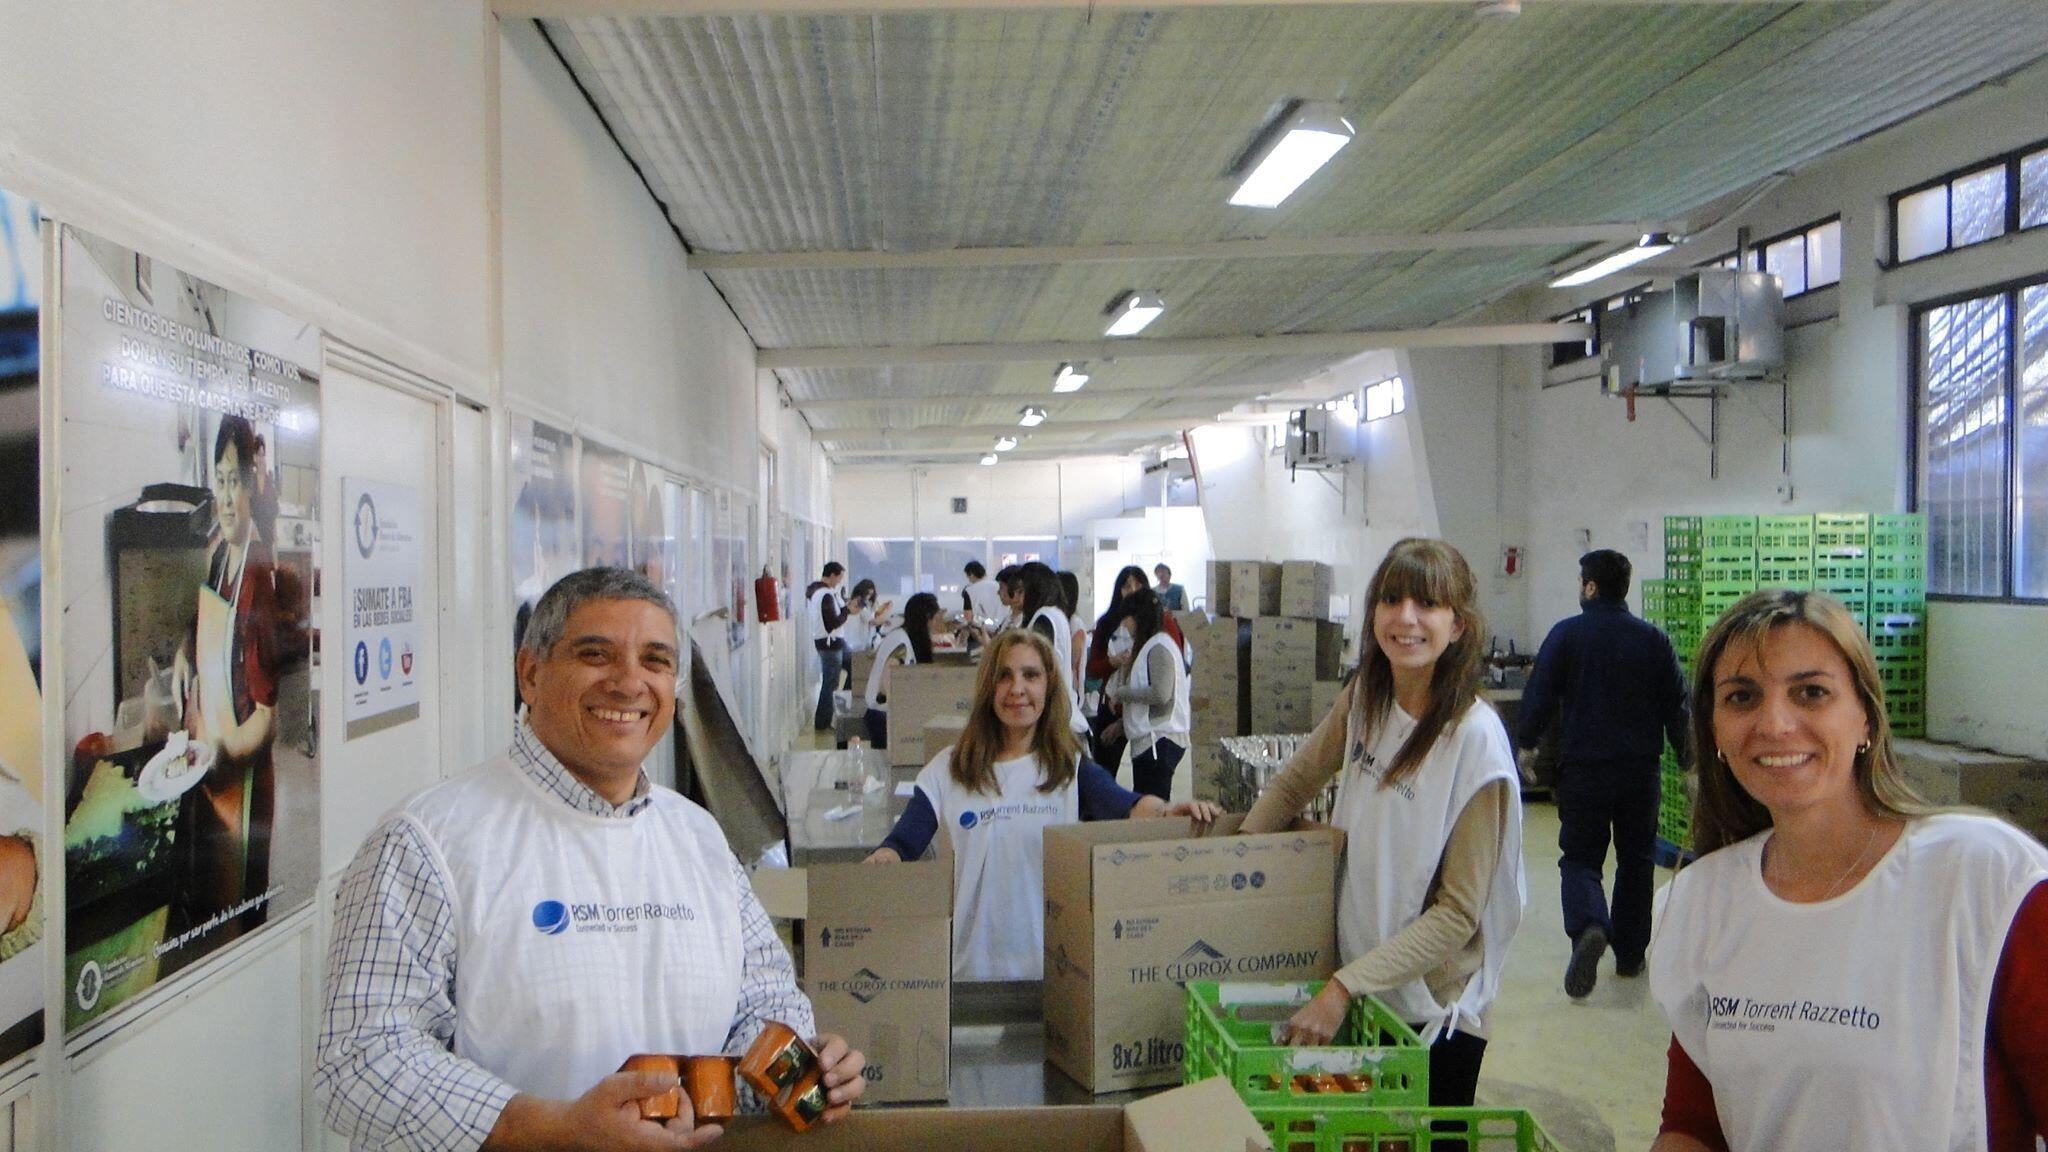 RT @RSMArgentina: Hoy estamos celebrando el RSM World Day colaborando con Banco de Alimentos @fundacionba http://t.co/zYQ5HyY9NZ